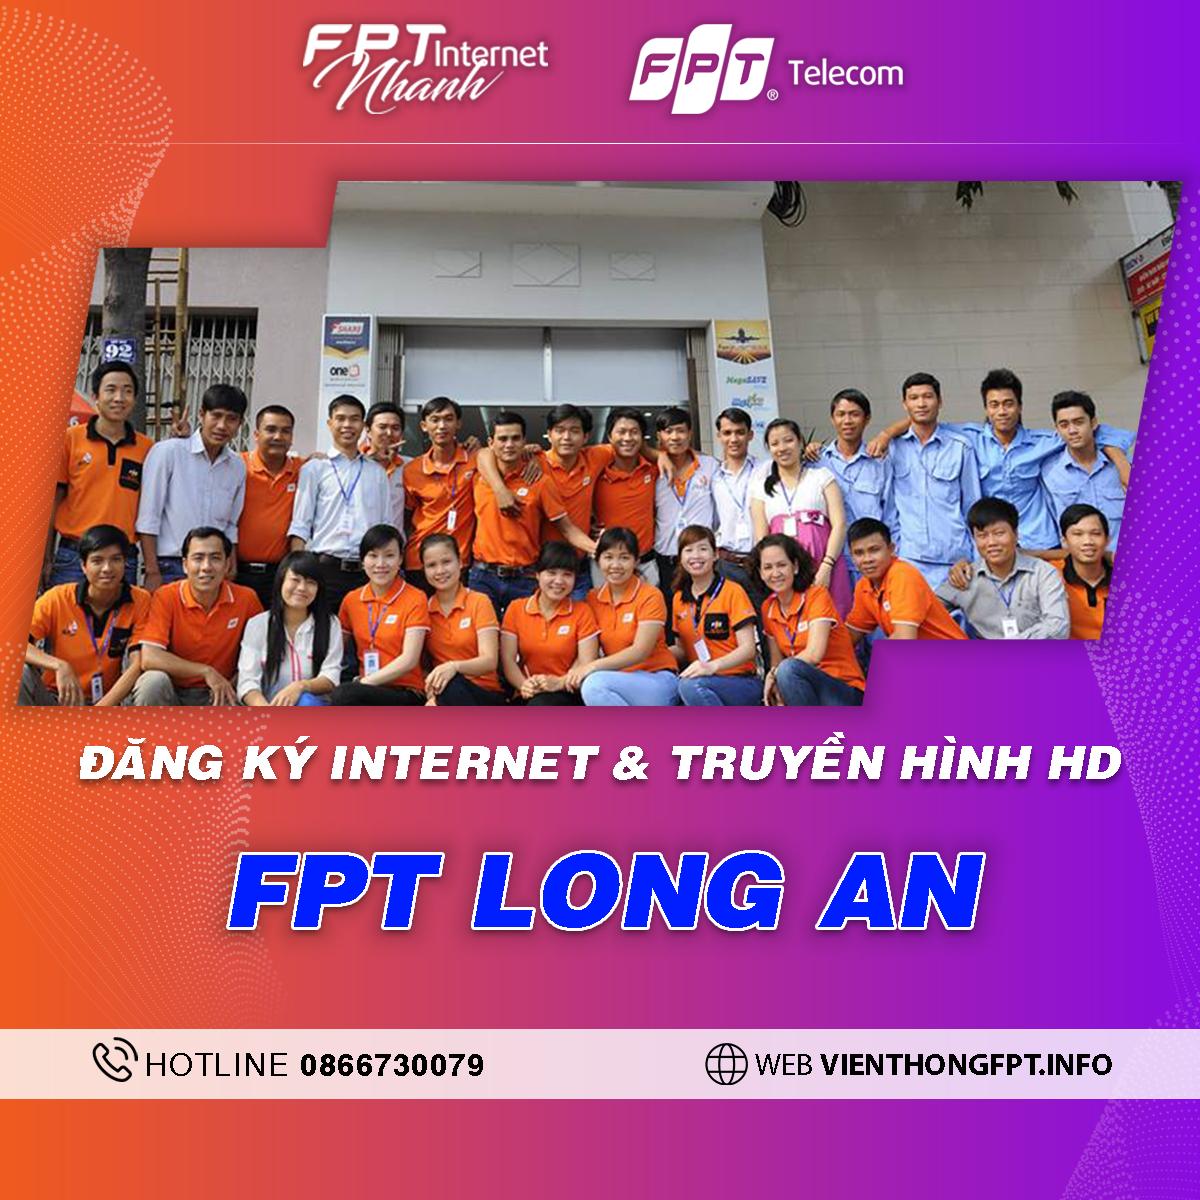 Chi nhánh FPT Long An - Tổng đài lắp mạng Internet + Truyền hình FPT